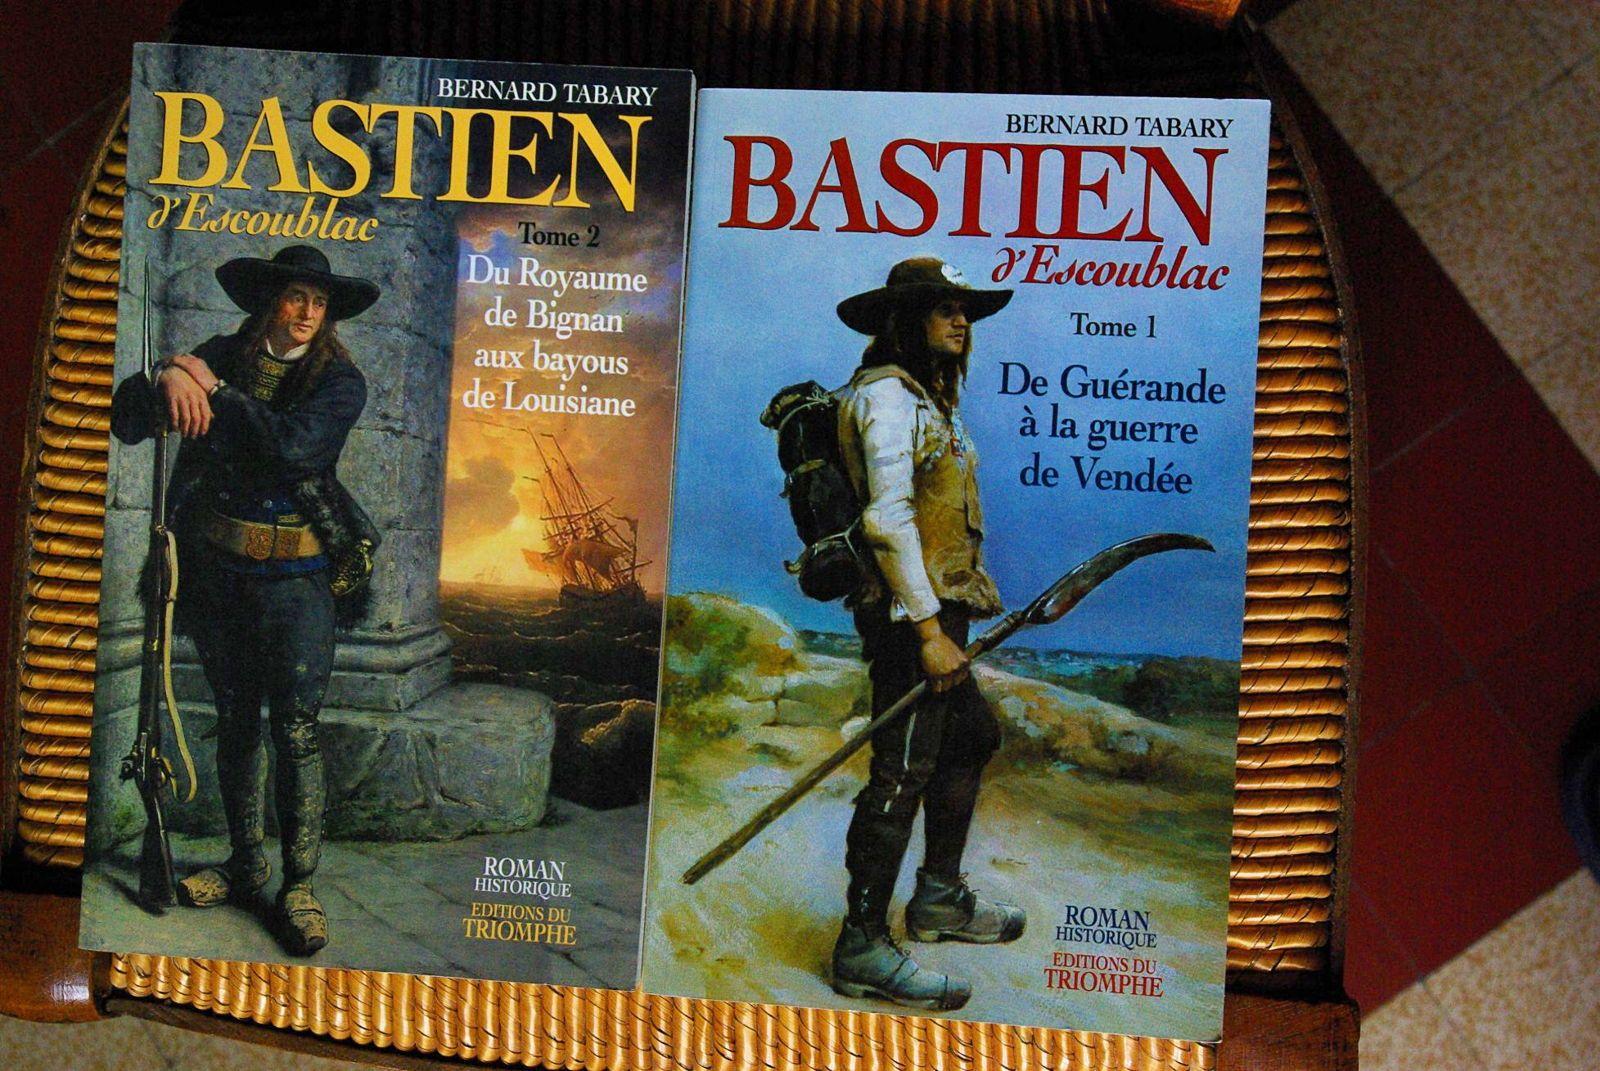 Livre Bastien d'Escoublac tome 1&2B. Tabary éd. Triomphe TBE jeunesse